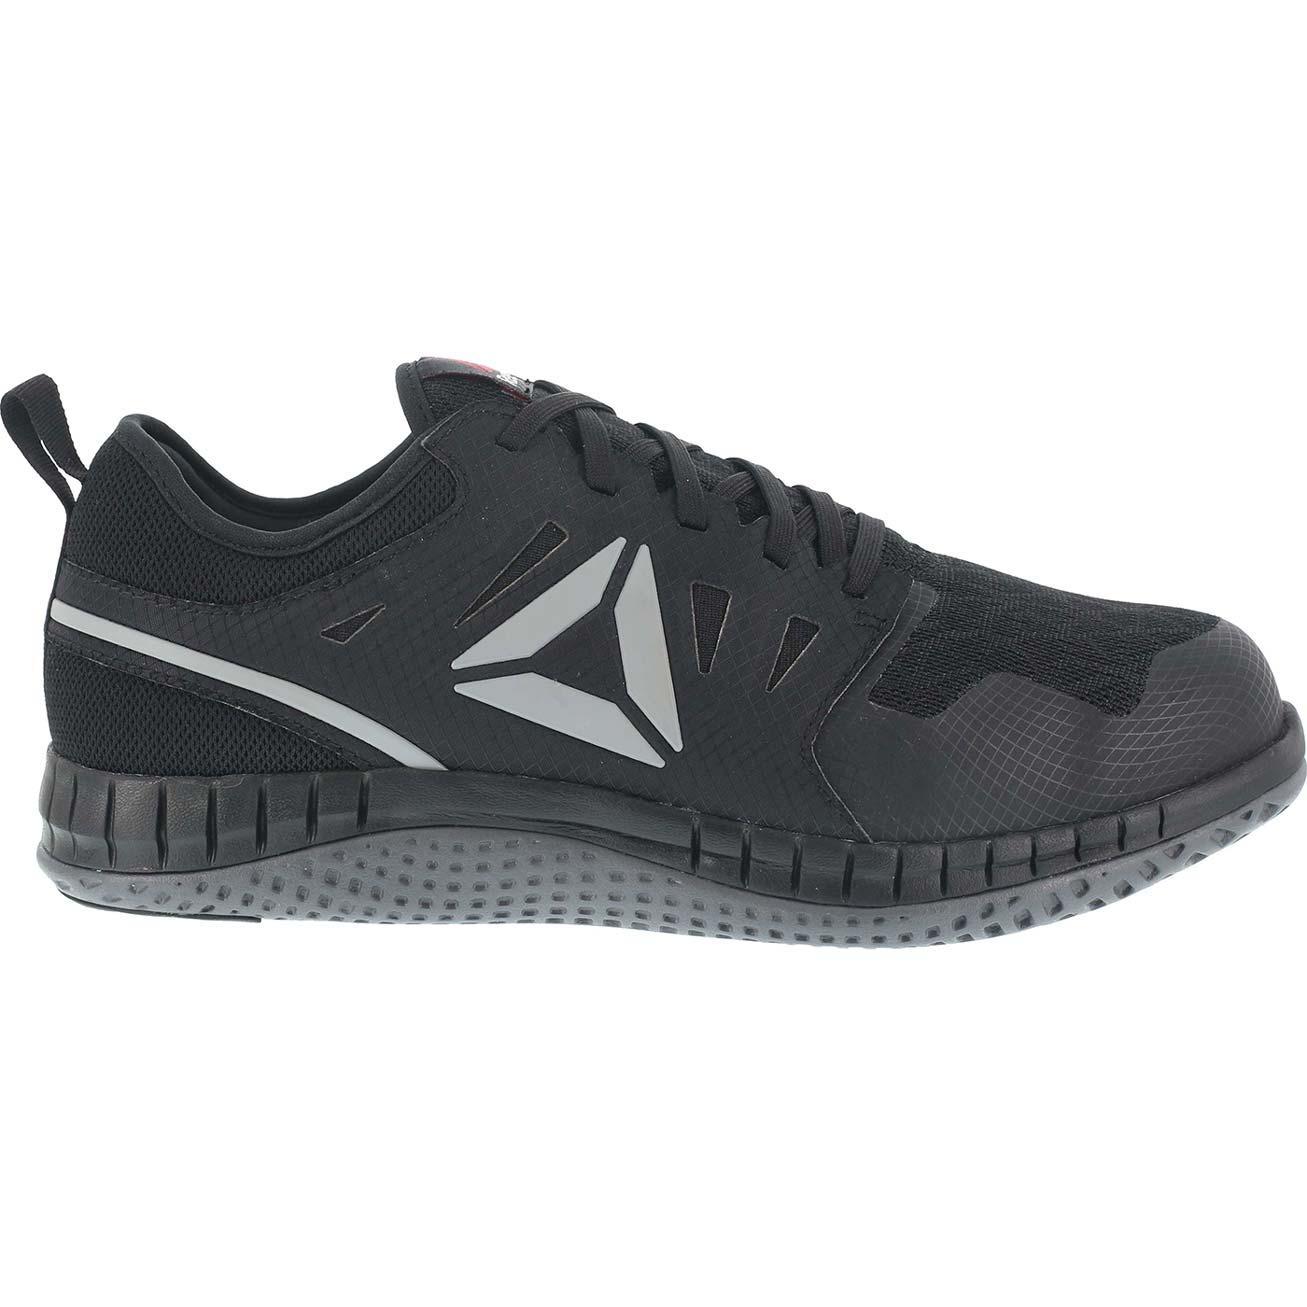 754a601a351d57 Reebok ZPrint Work Steel Toe Static-Dissipative Work Athletic Shoe ...